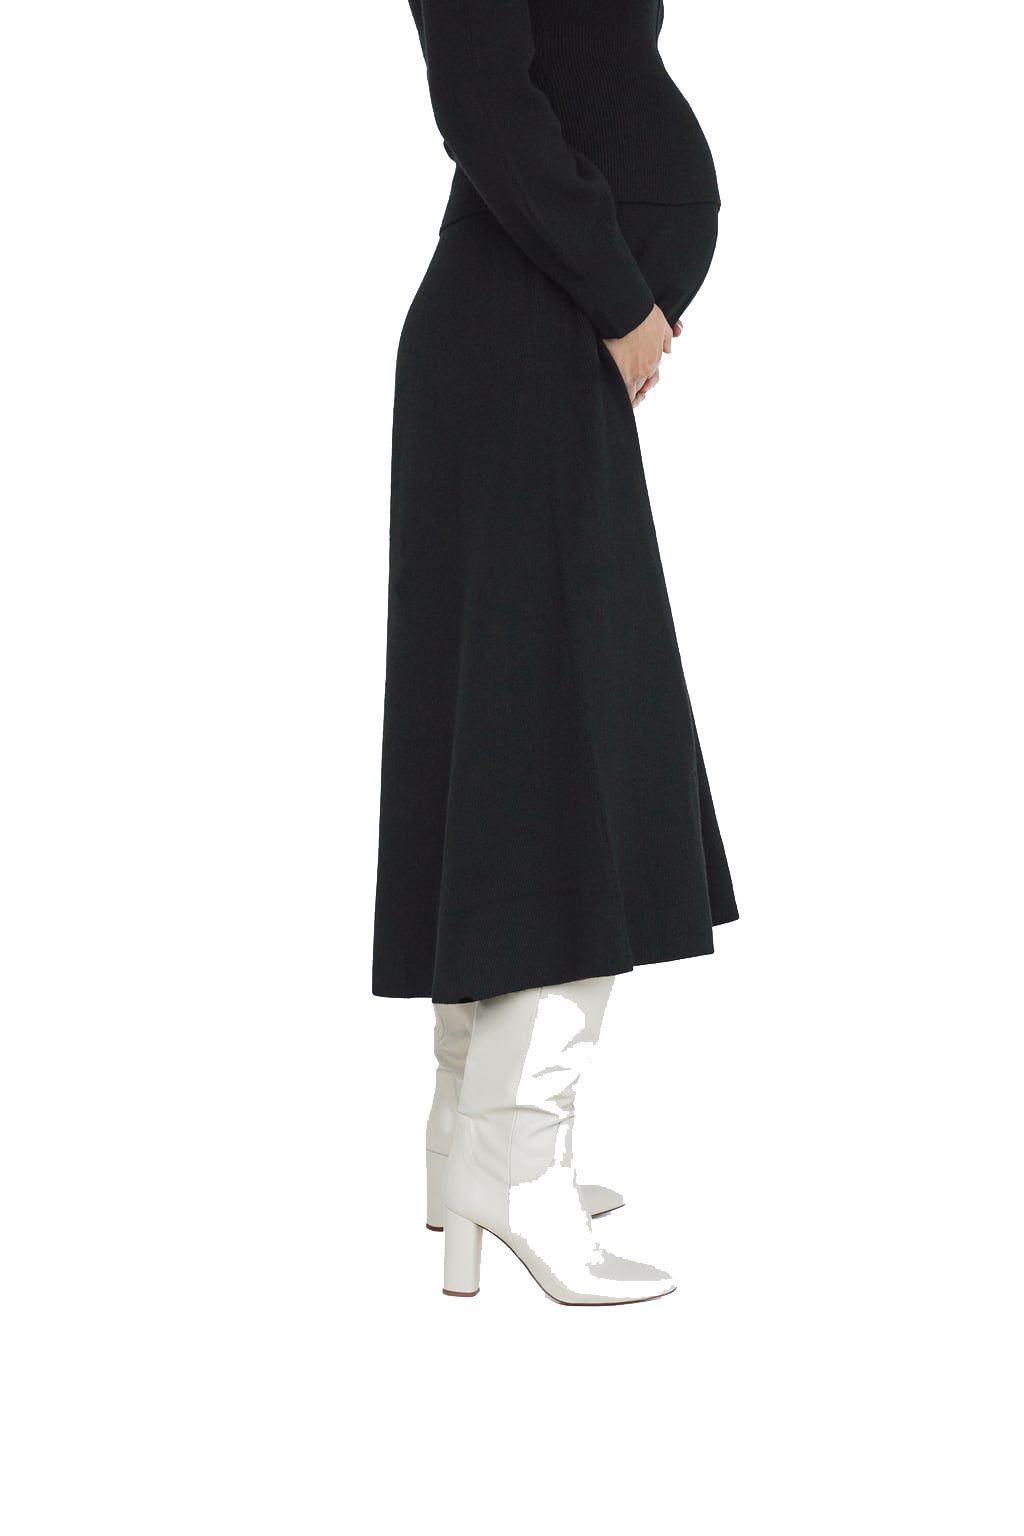 Vestidos de premama modernos